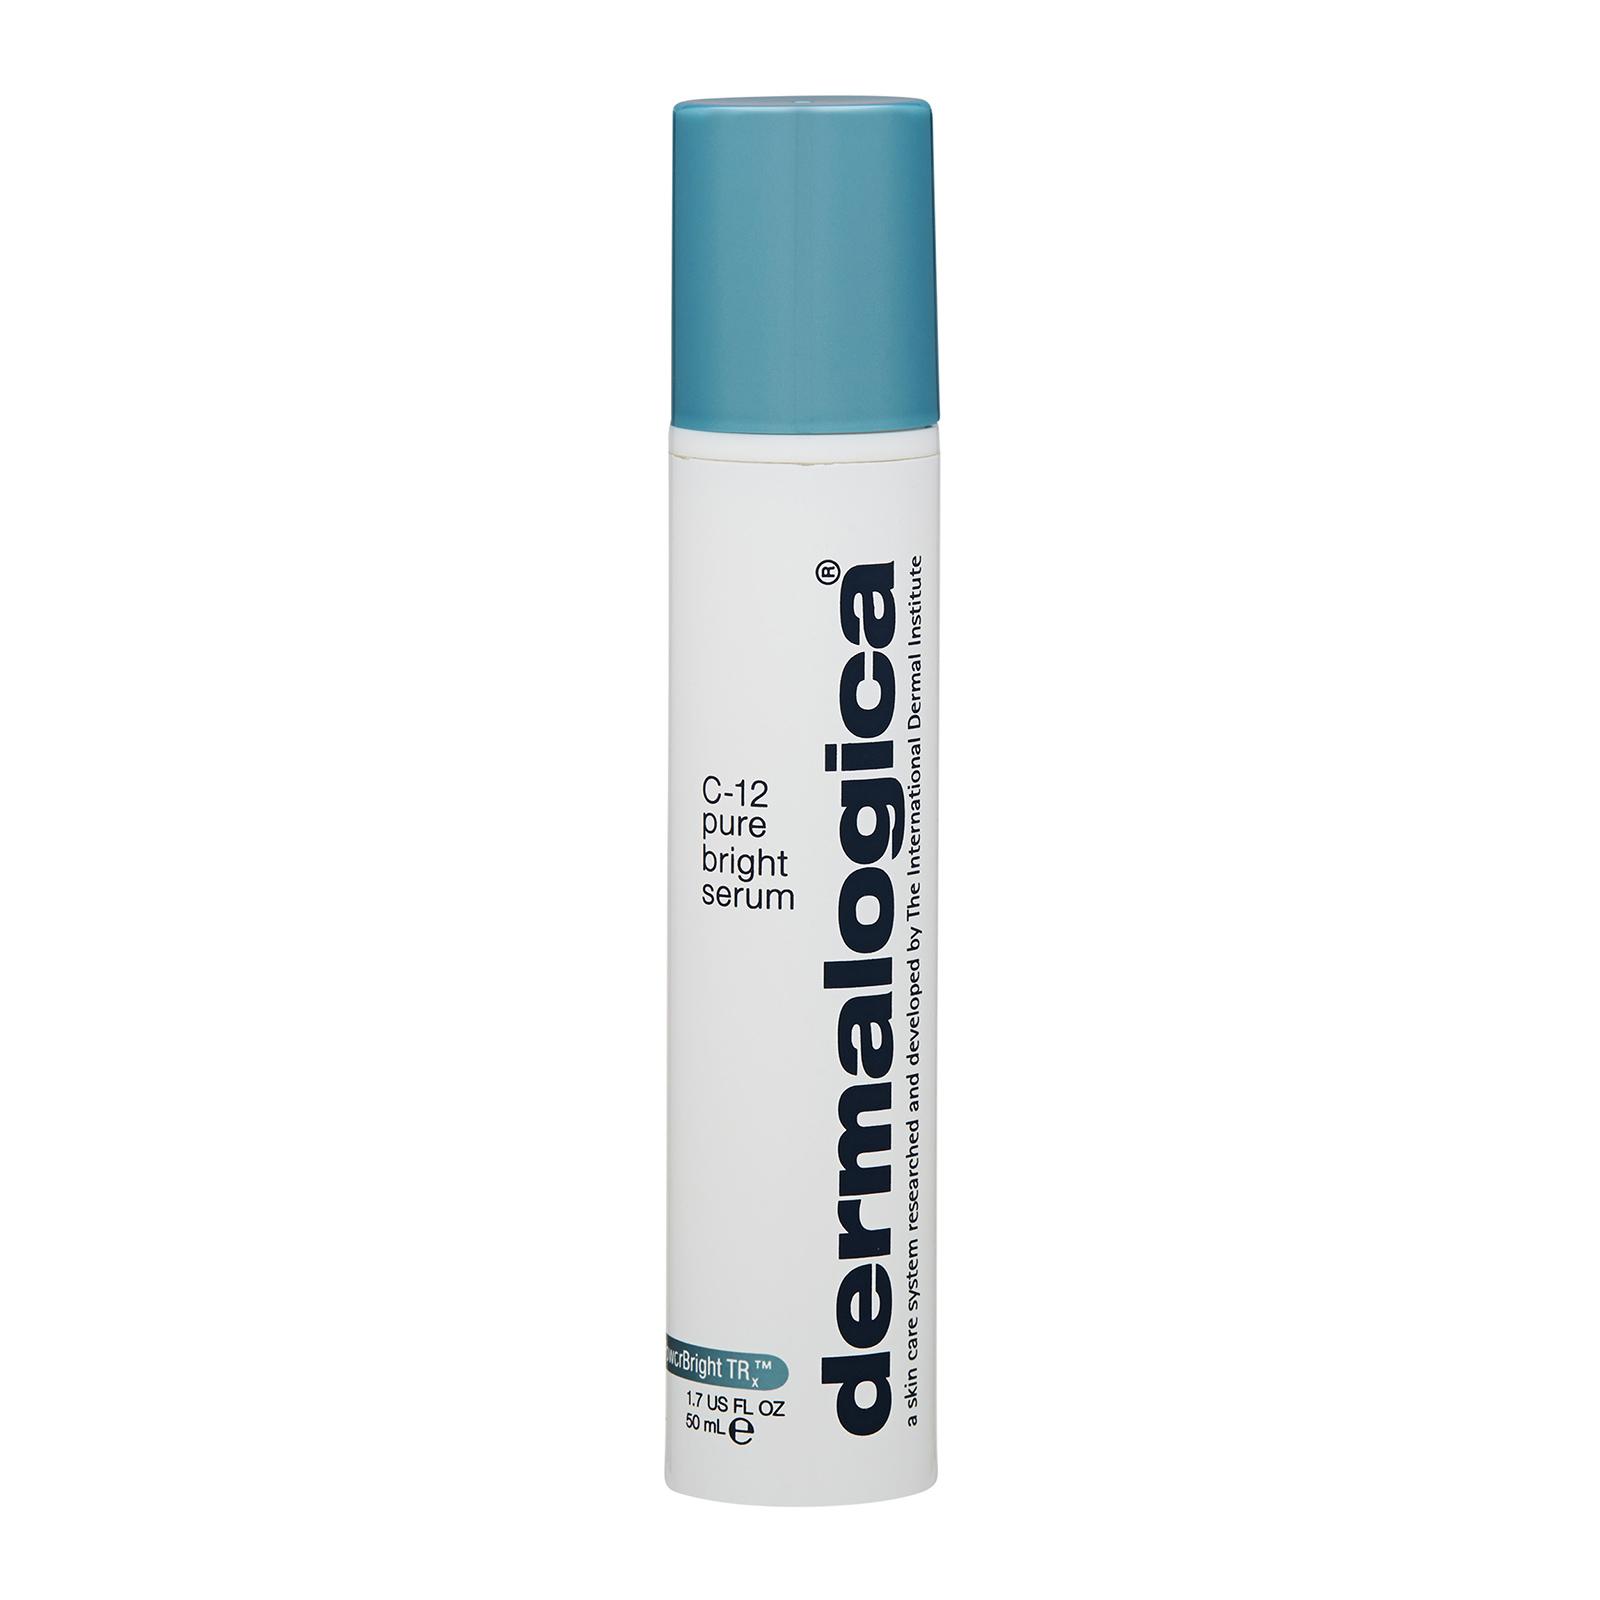 Dermalogica PowerBright Trx™  C-12 Pure Bright Serum 1.7oz, 50ml from Cosme-De.com